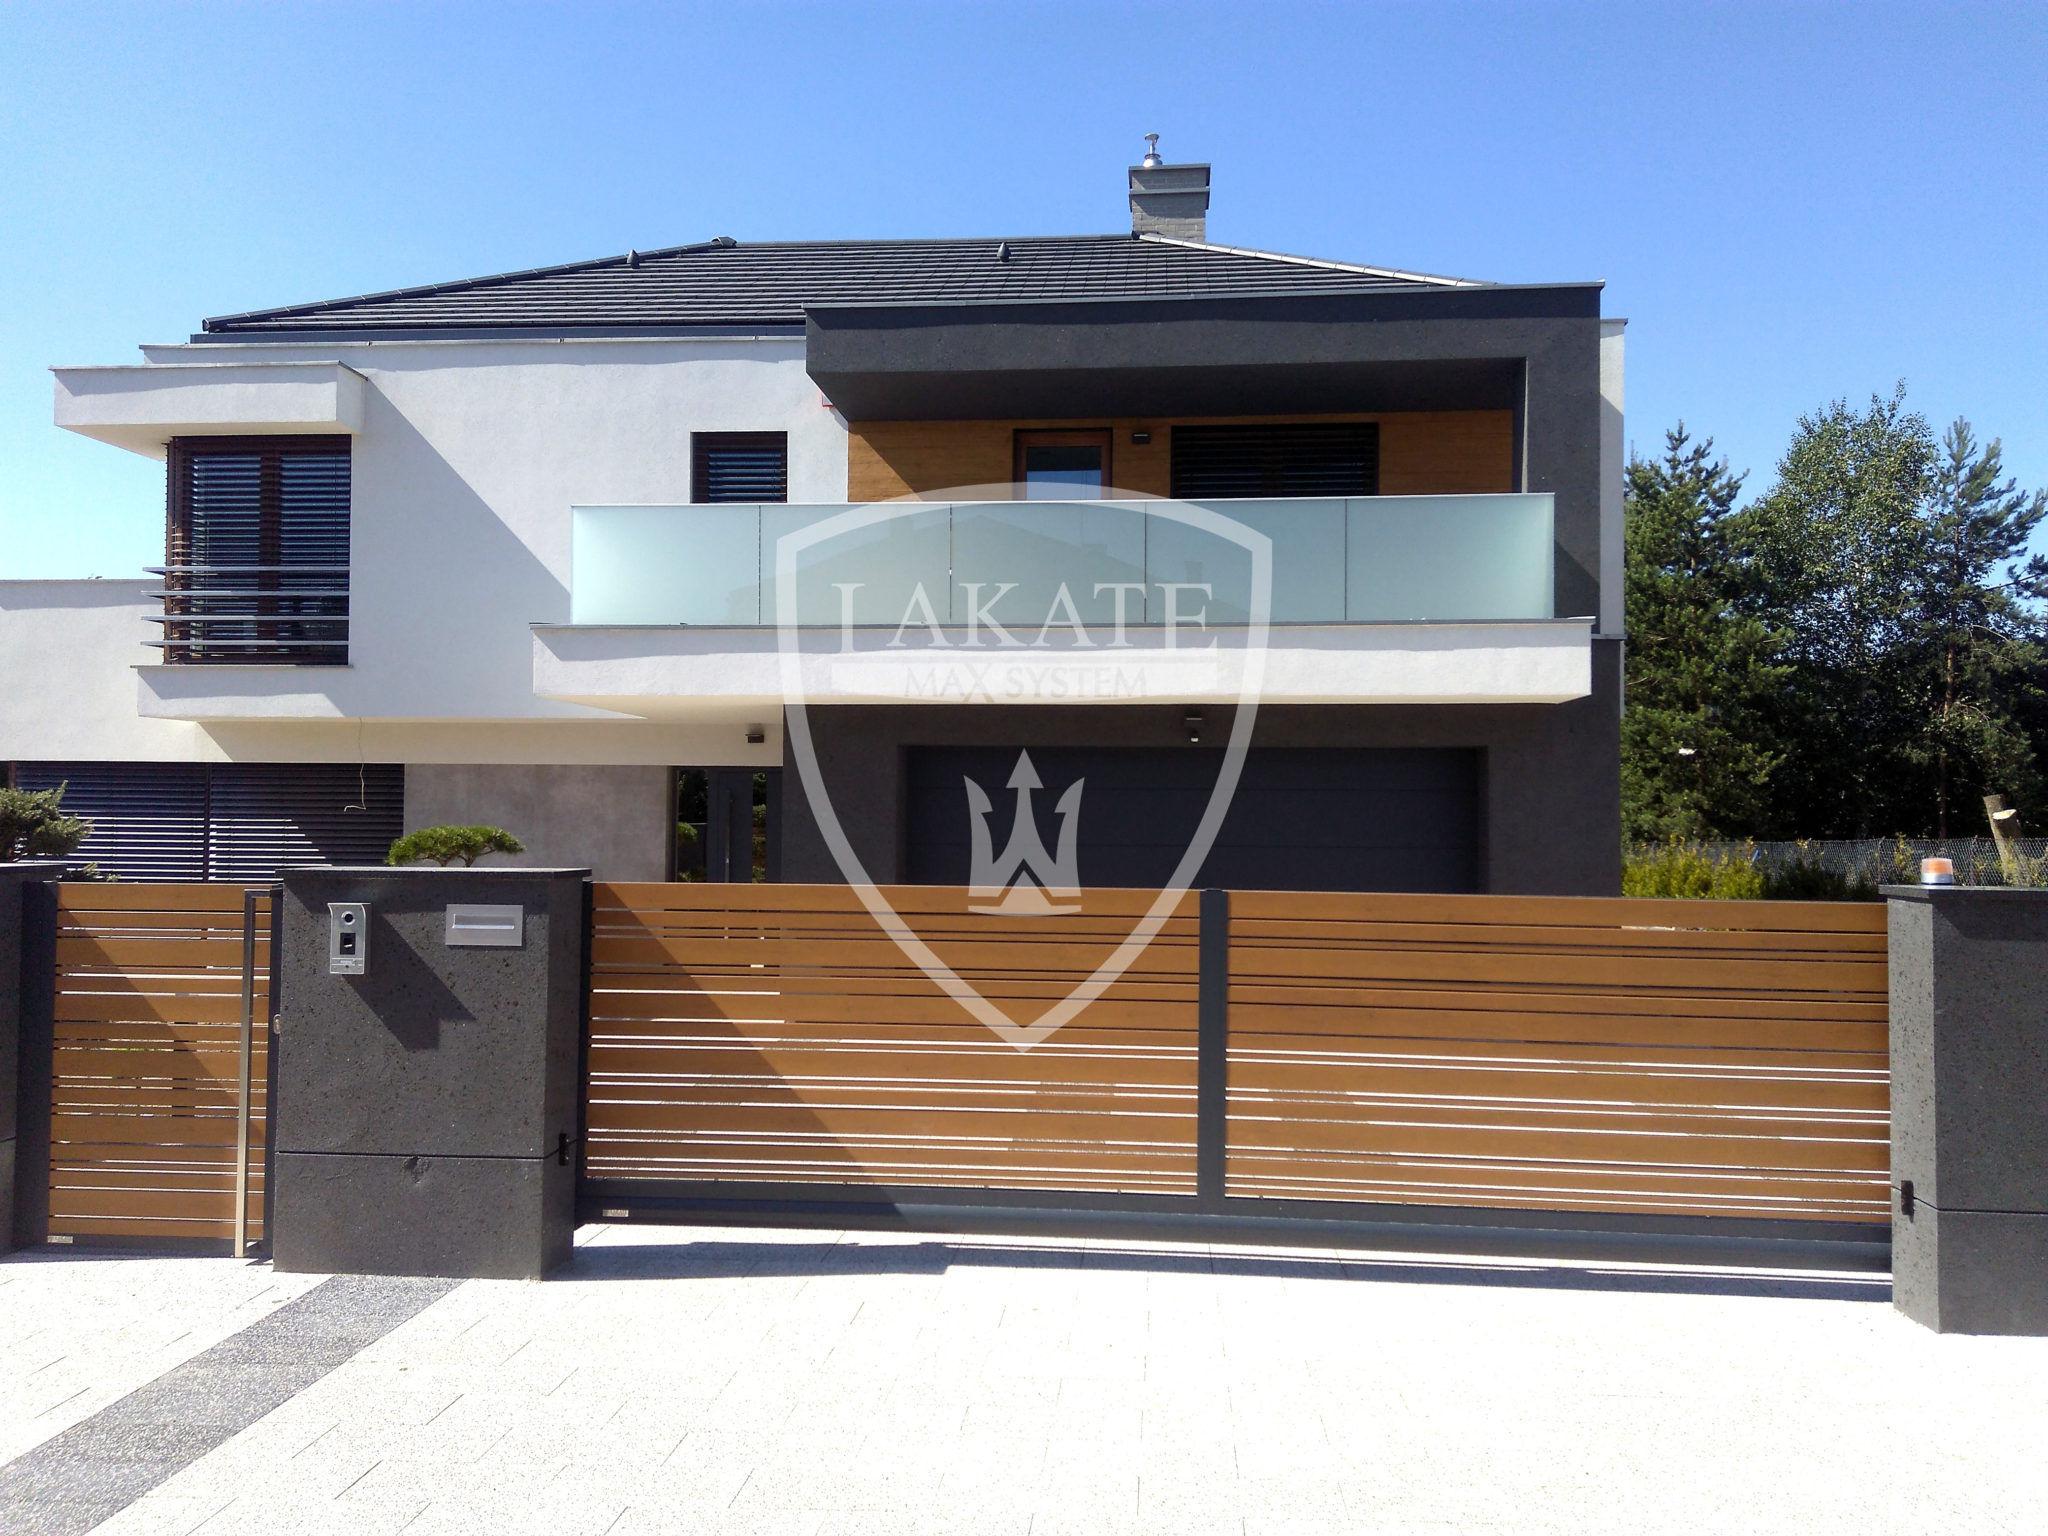 nowoczesny dom i nowoczesne ogrodzenie lipiec